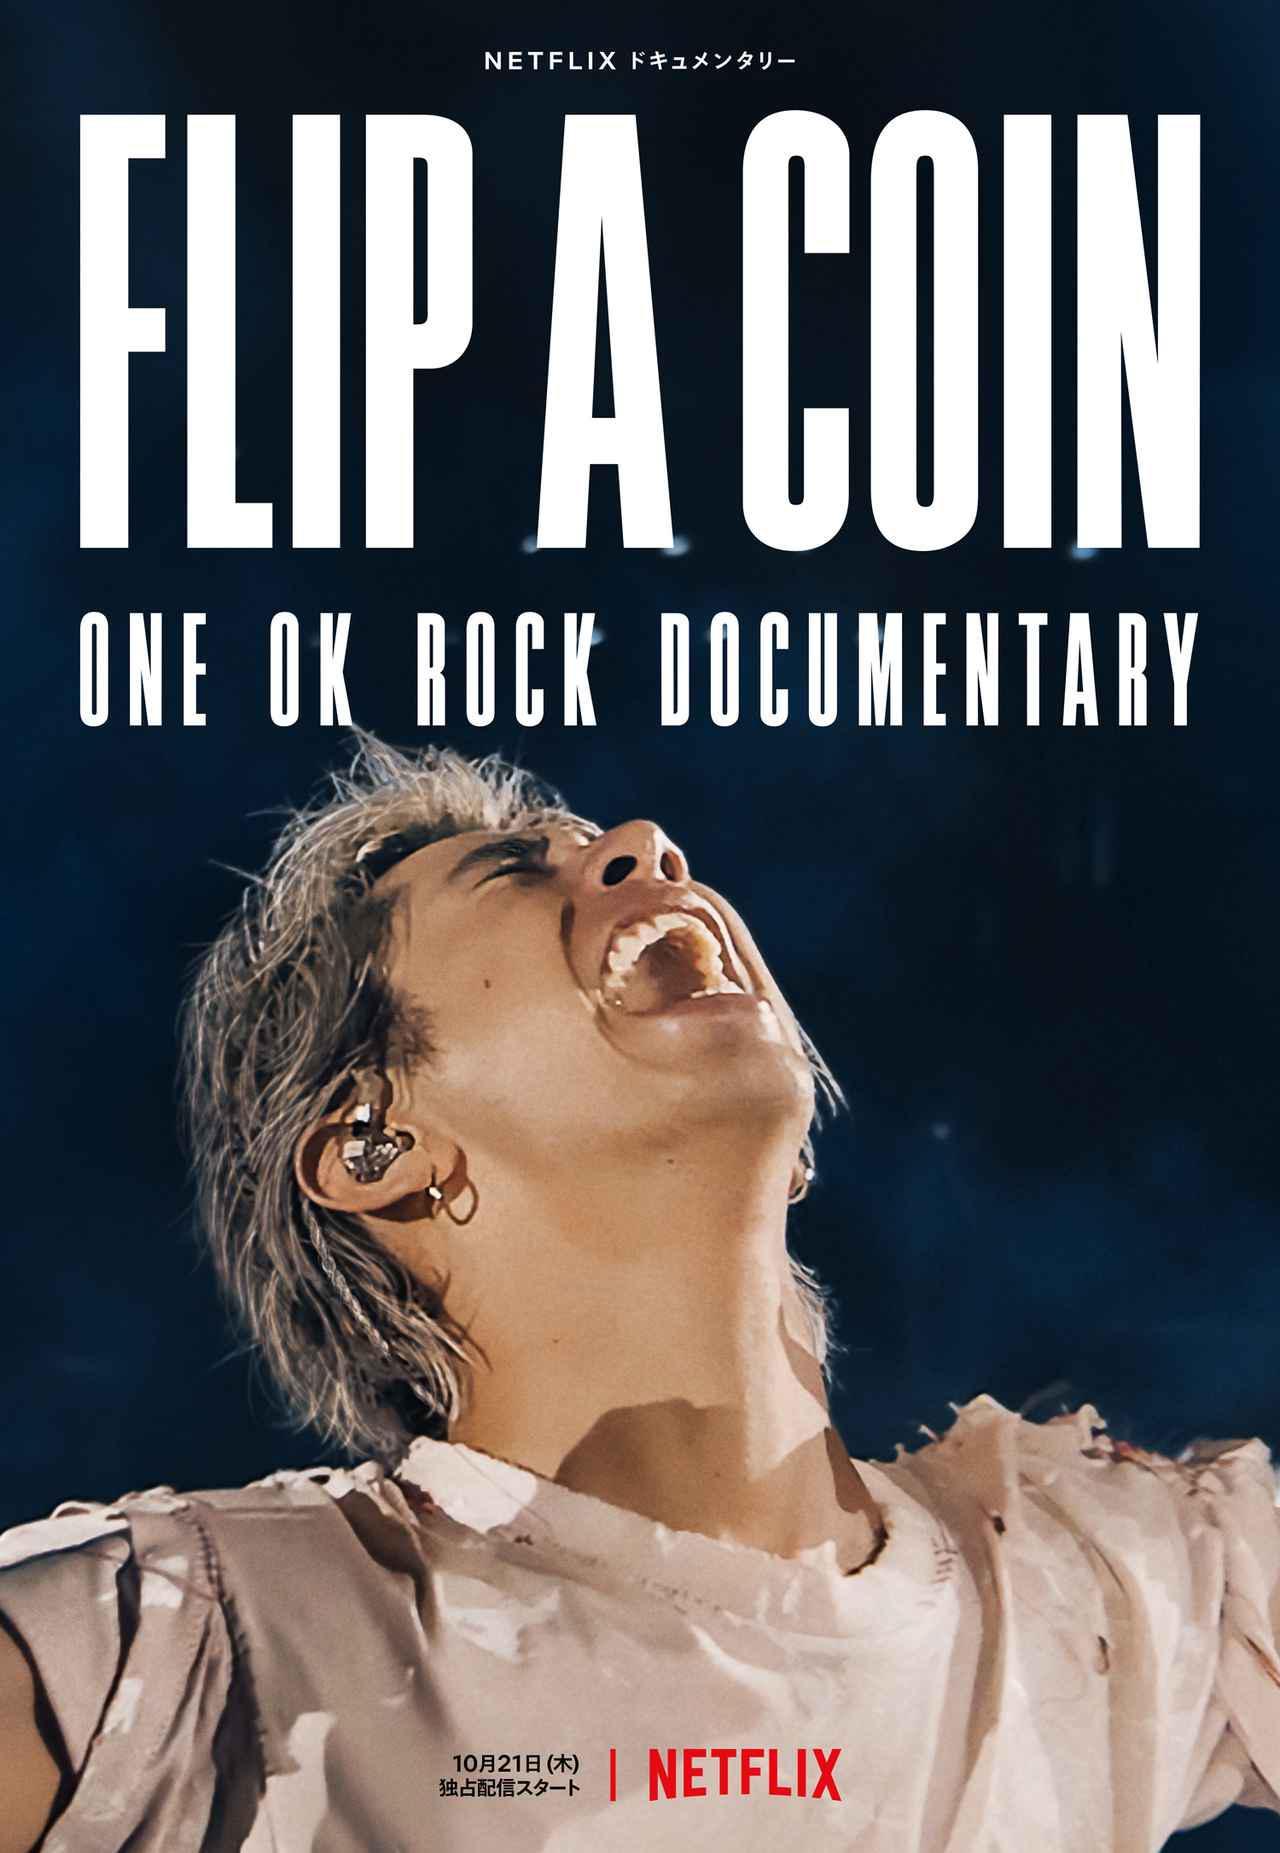 画像1: ONE OK ROCKドキュメンタリー、Netflixにて10/21配信